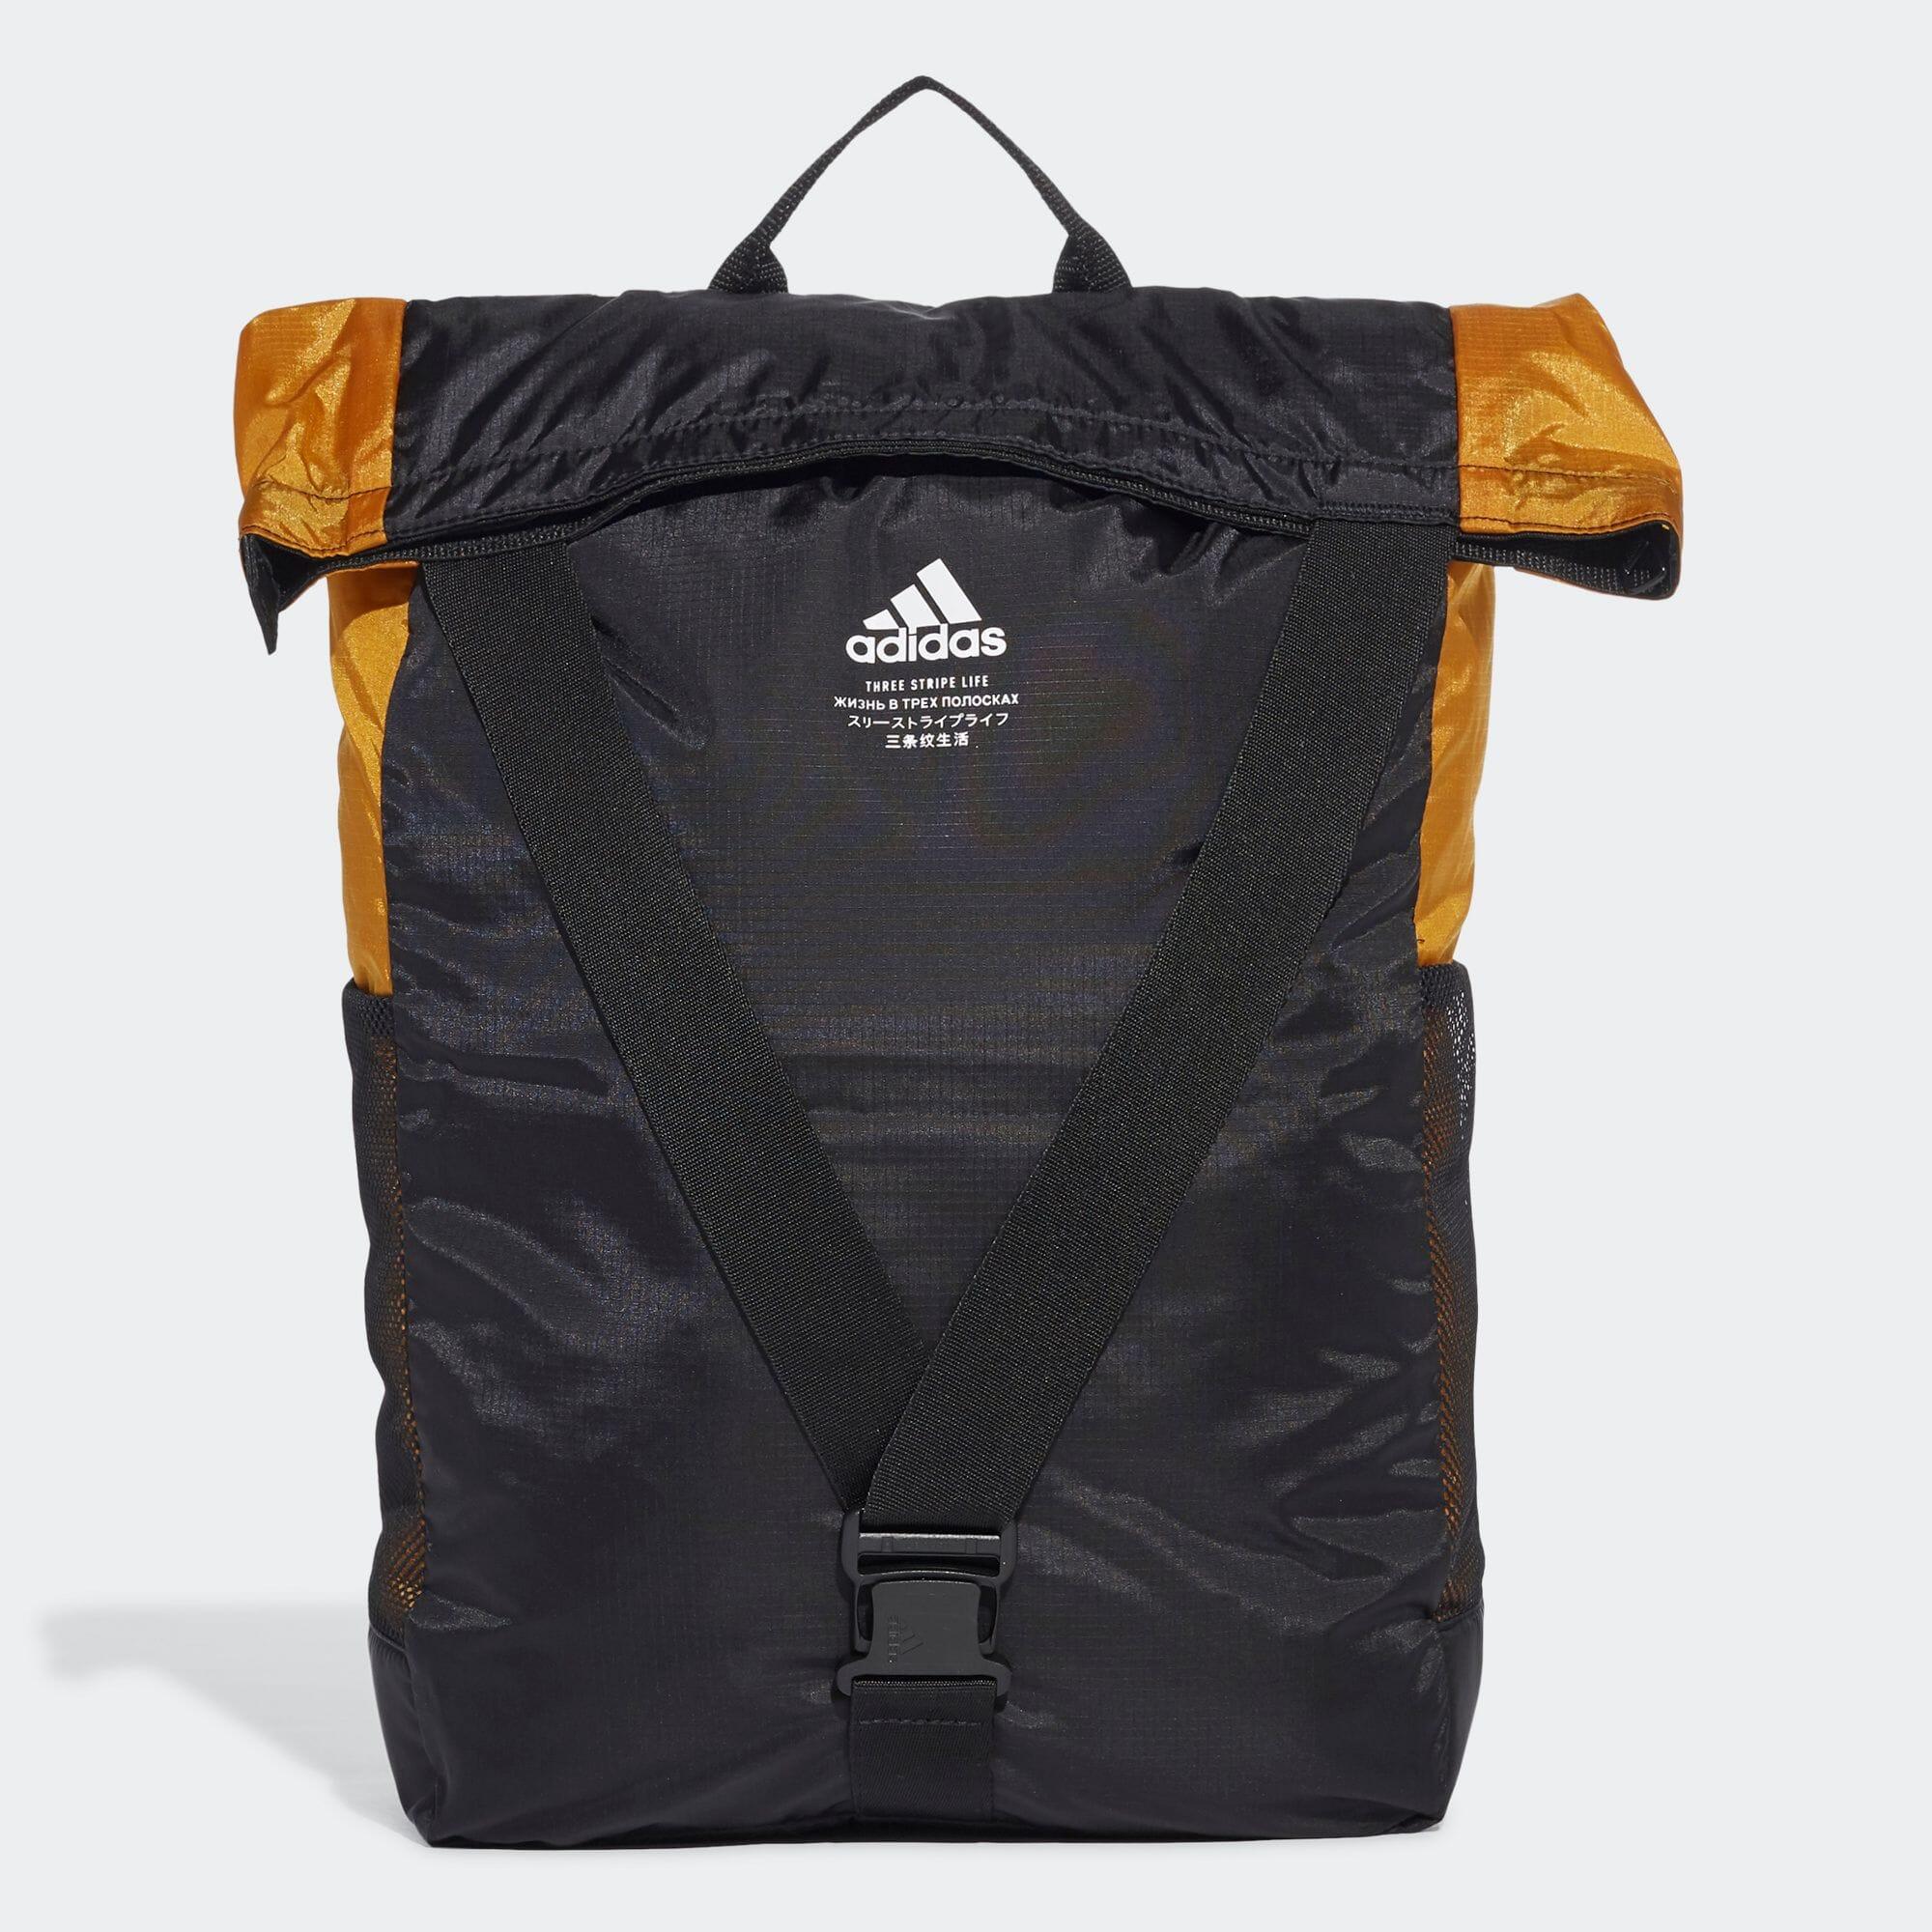 クラシック フラップトップ ショッパー バックパック / Classic Flap Top Shopper Backpack